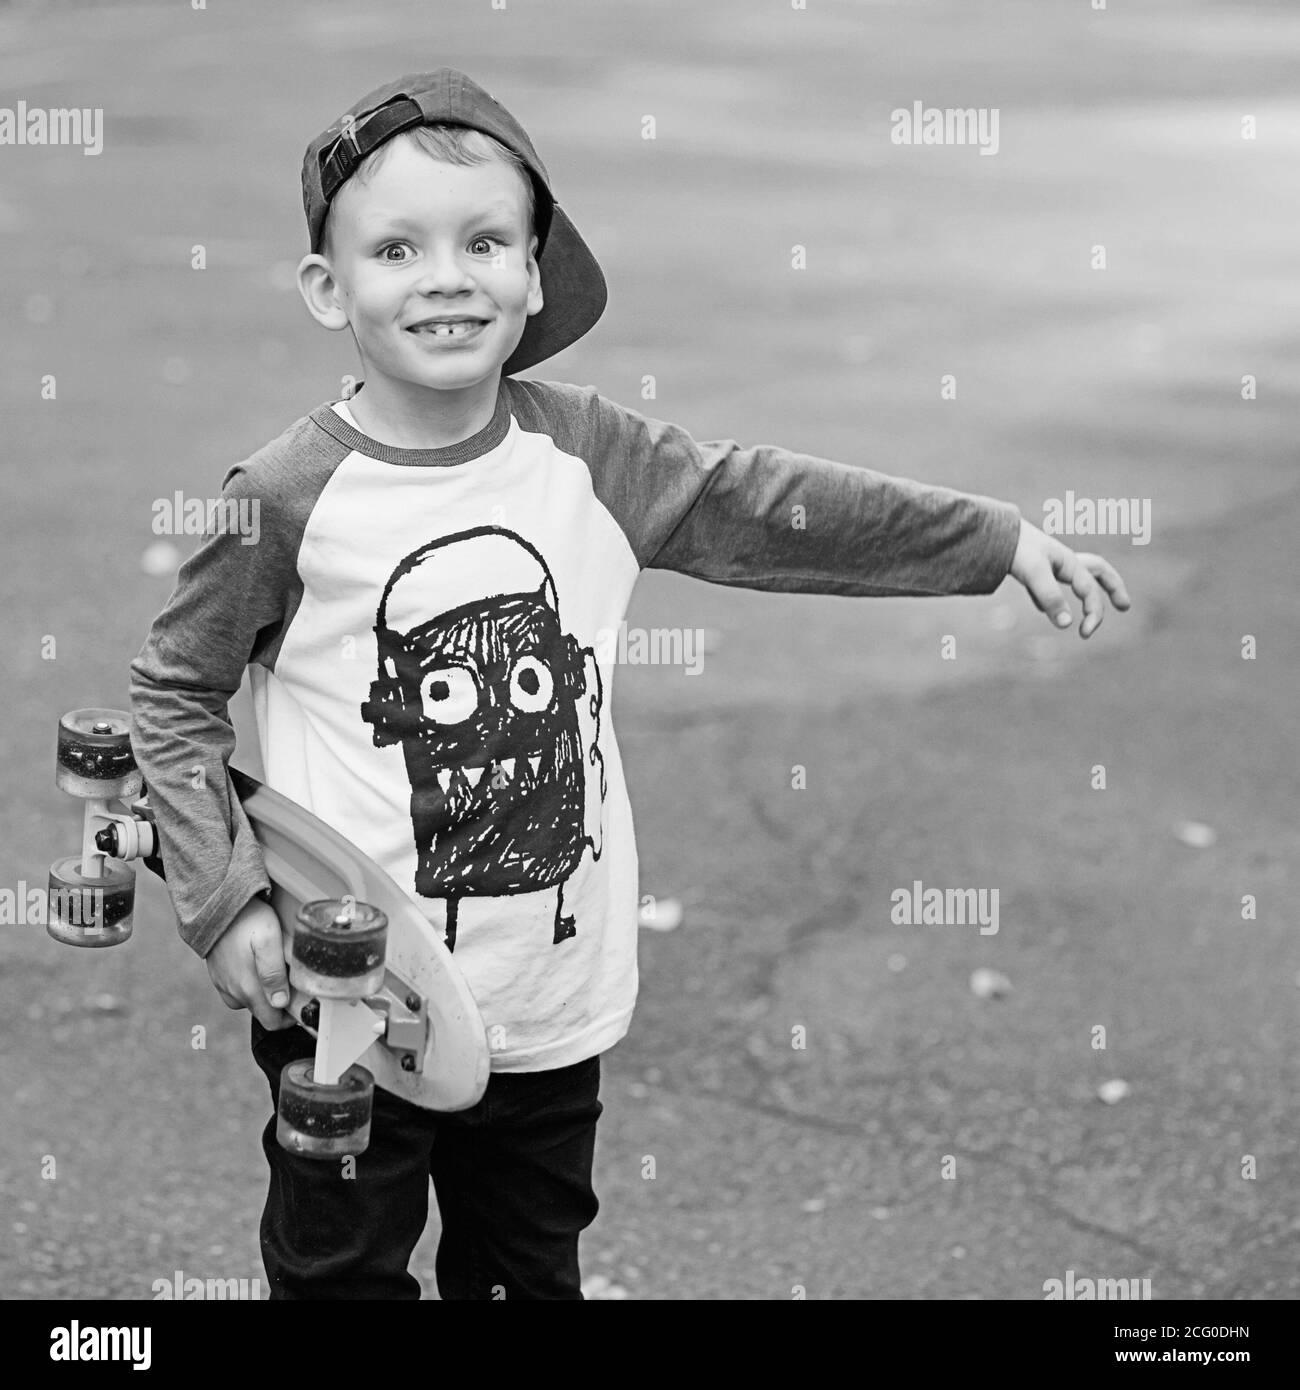 https www alamyimages fr petit garcon urbain avec un sou skateboard photographie retro en noir et blanc style urbain enfants urbains l enfant apprend a monter un panneau de penny image371262913 html